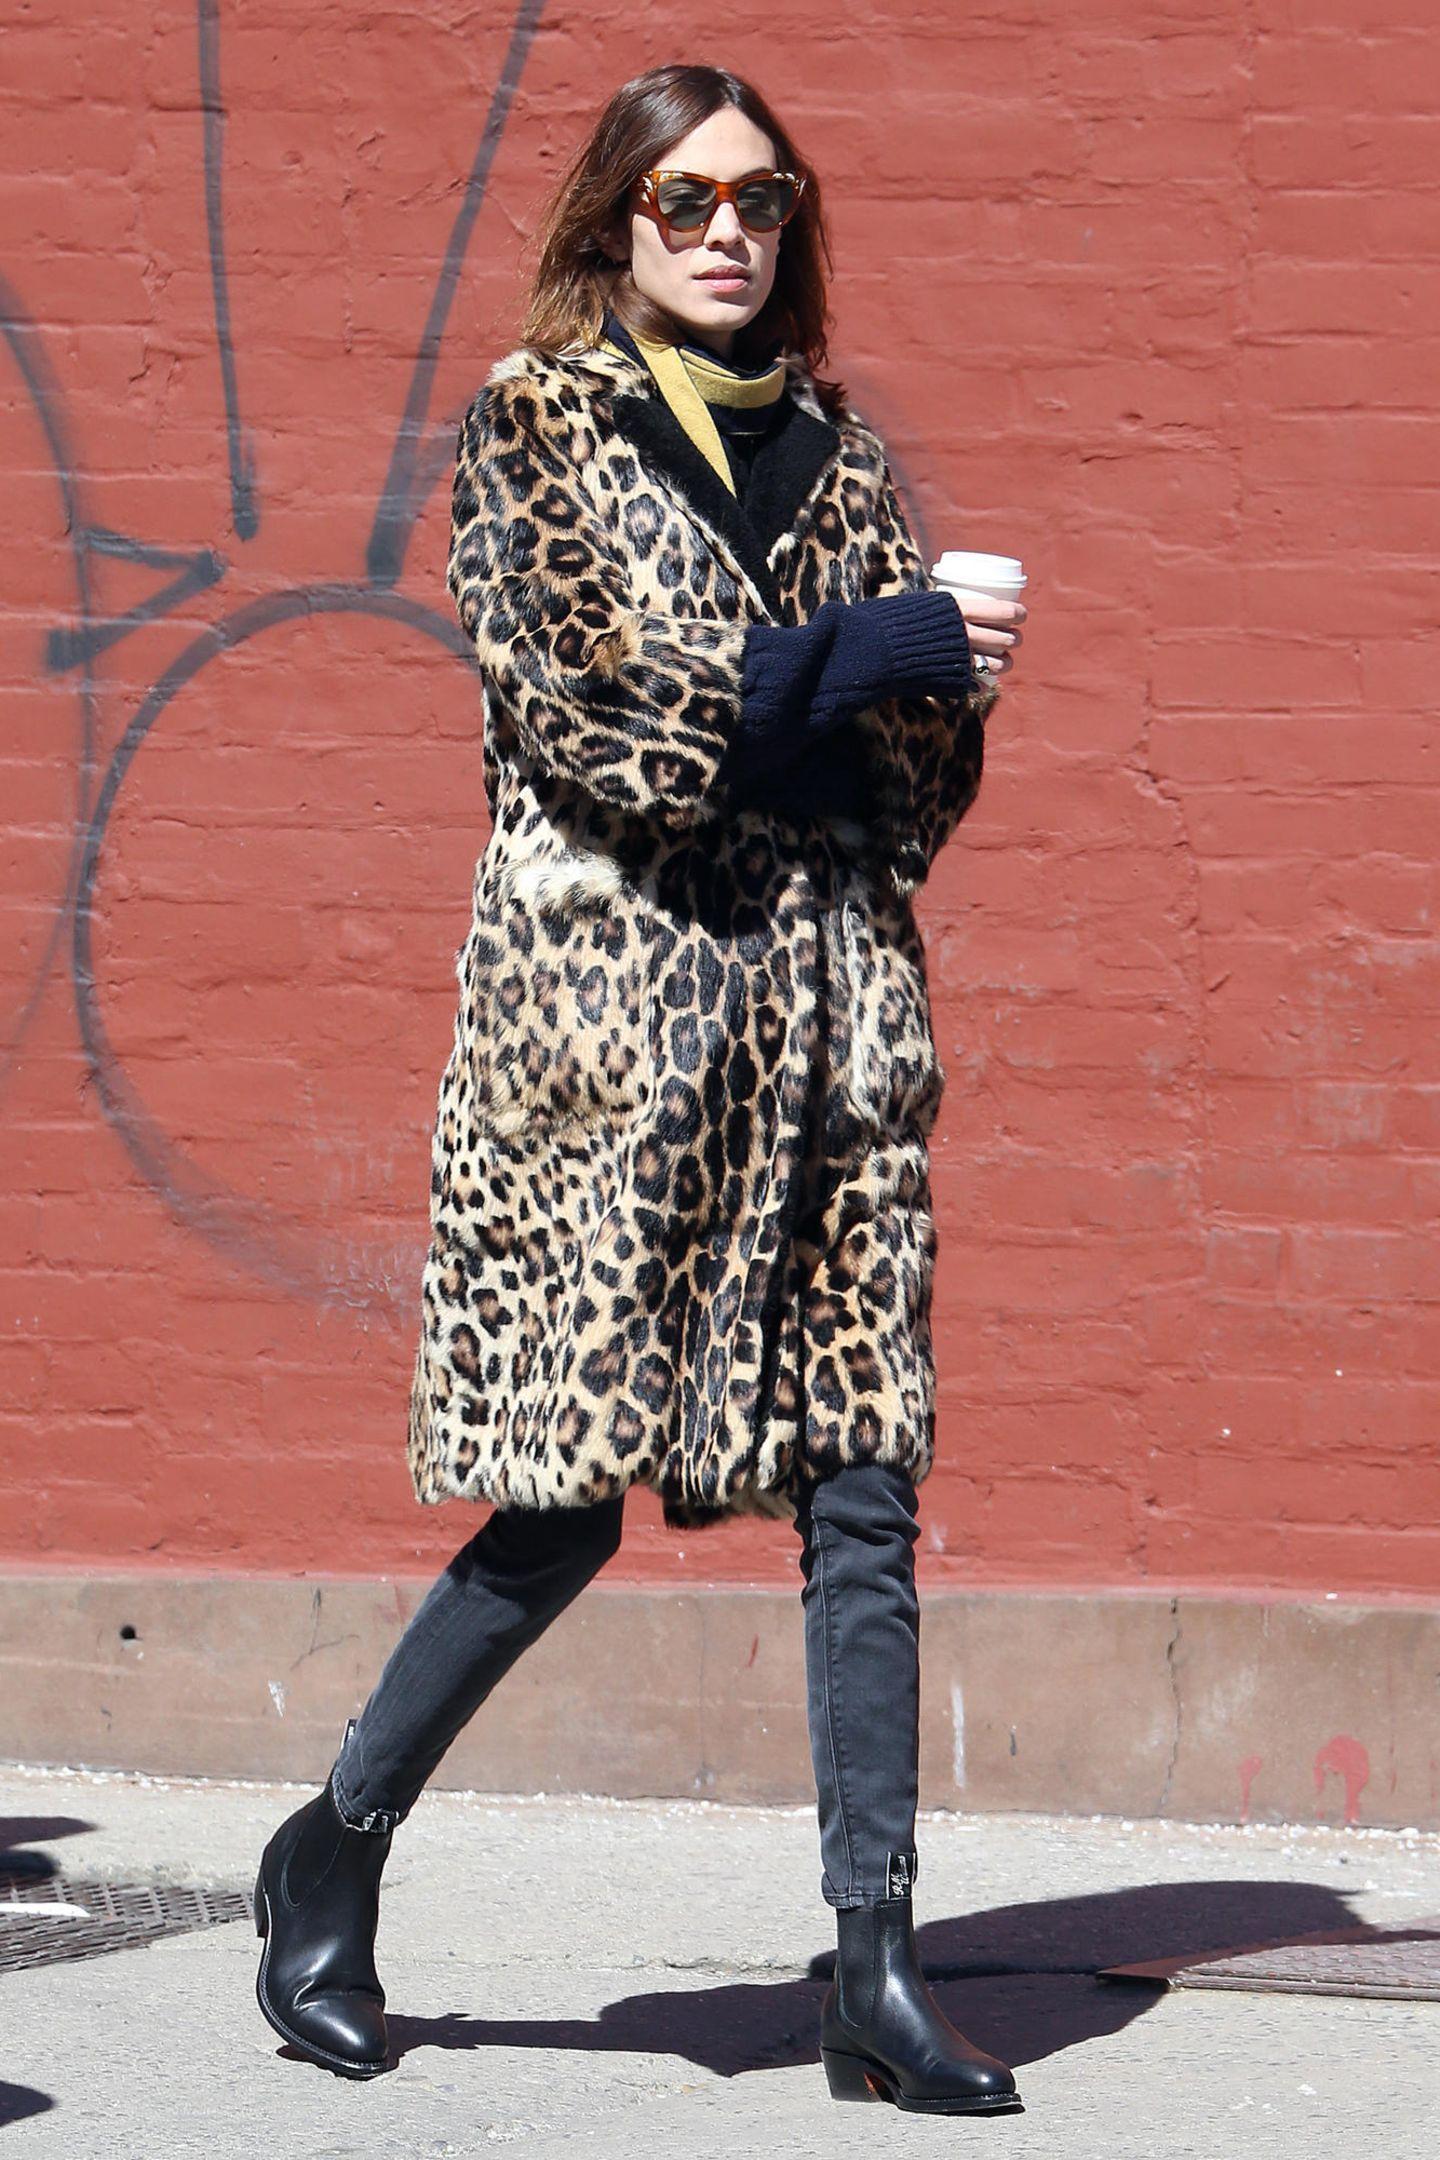 Viel lässiger ist dagegen Alexa Chung unterwegs. Das It-Girl setzt auf den Londoner Chic und schlüpft in groben Strick, eine einfach Jeans und derbe Boots.